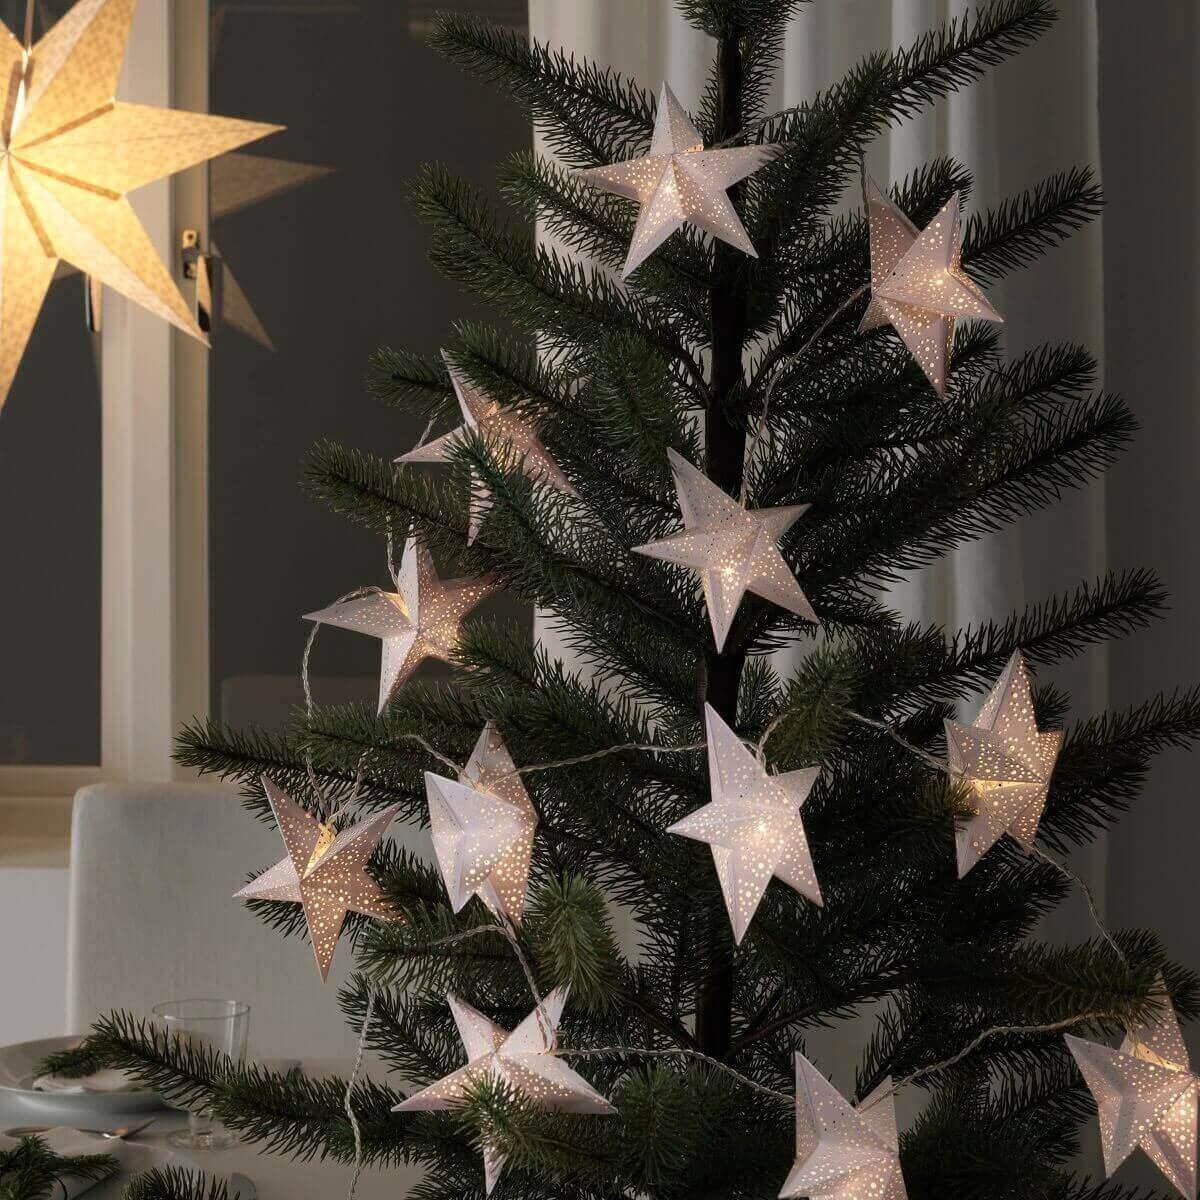 IKEA限量聖誕系列 伴你迎接聖誕節